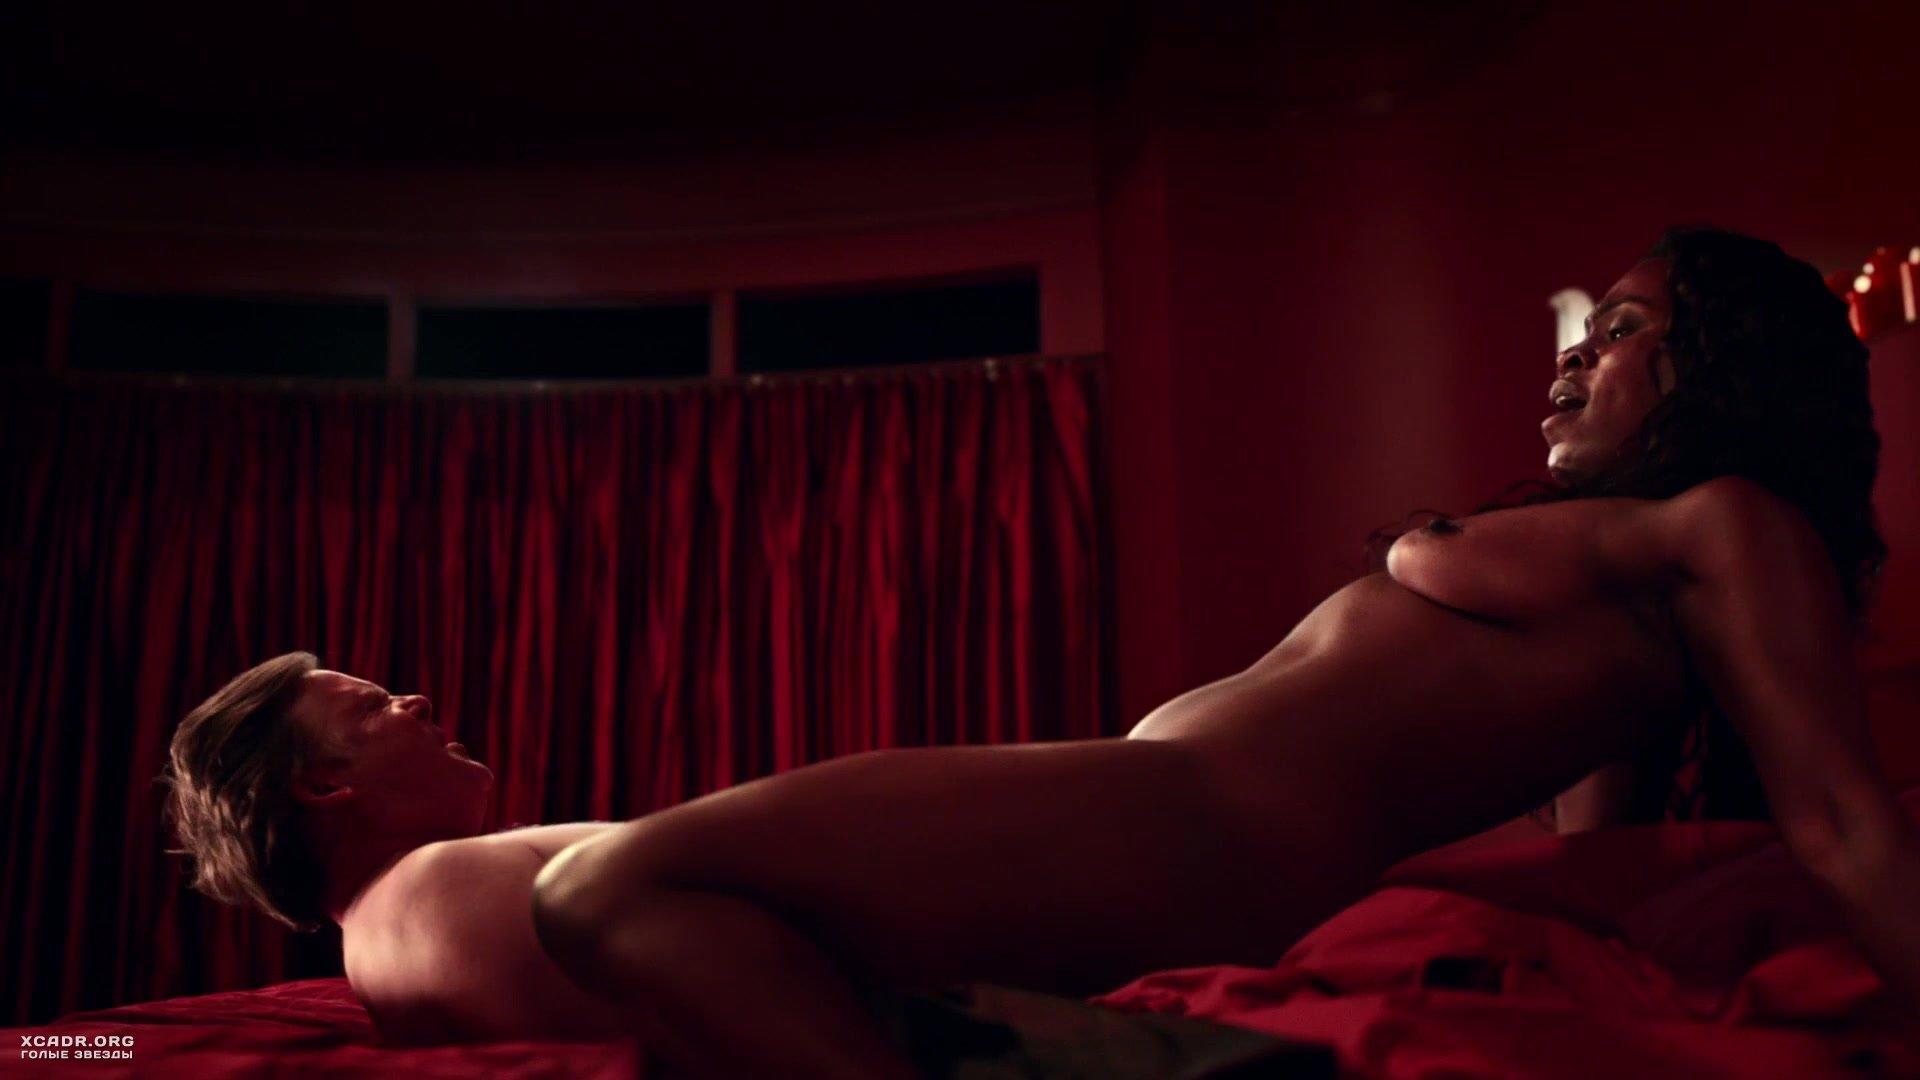 Penelope Cruz Naked Scene